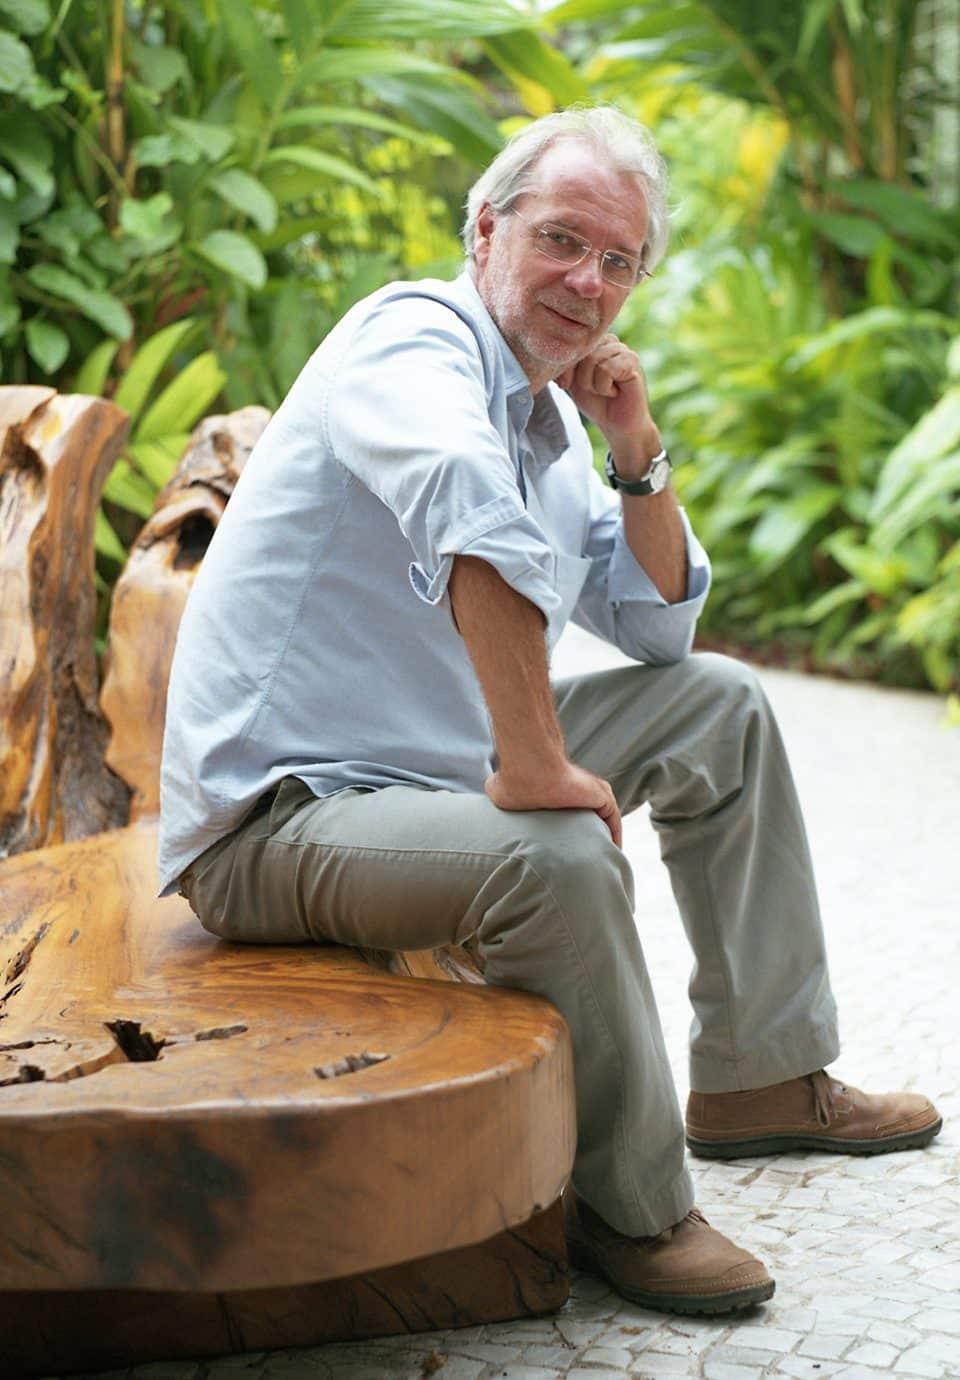 Hugo França Transforms the Remnants from Brazil's Deforestation